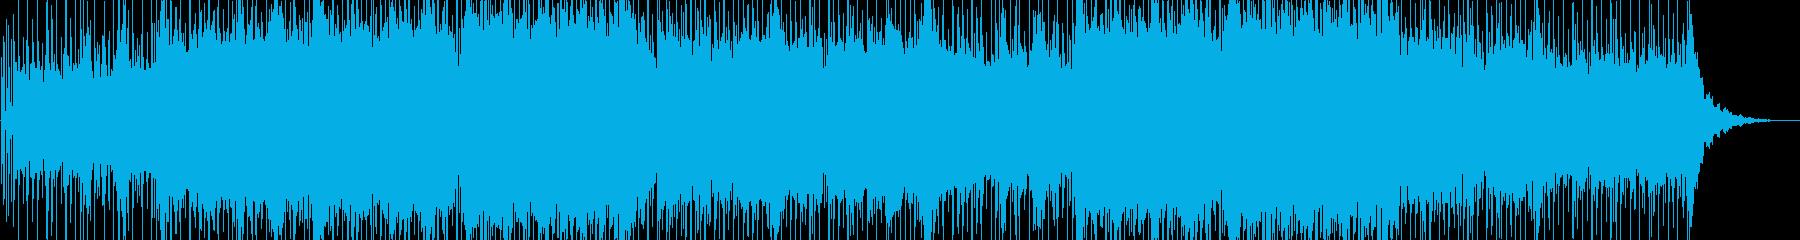 実験的な岩 バックシェイク 感情的...の再生済みの波形